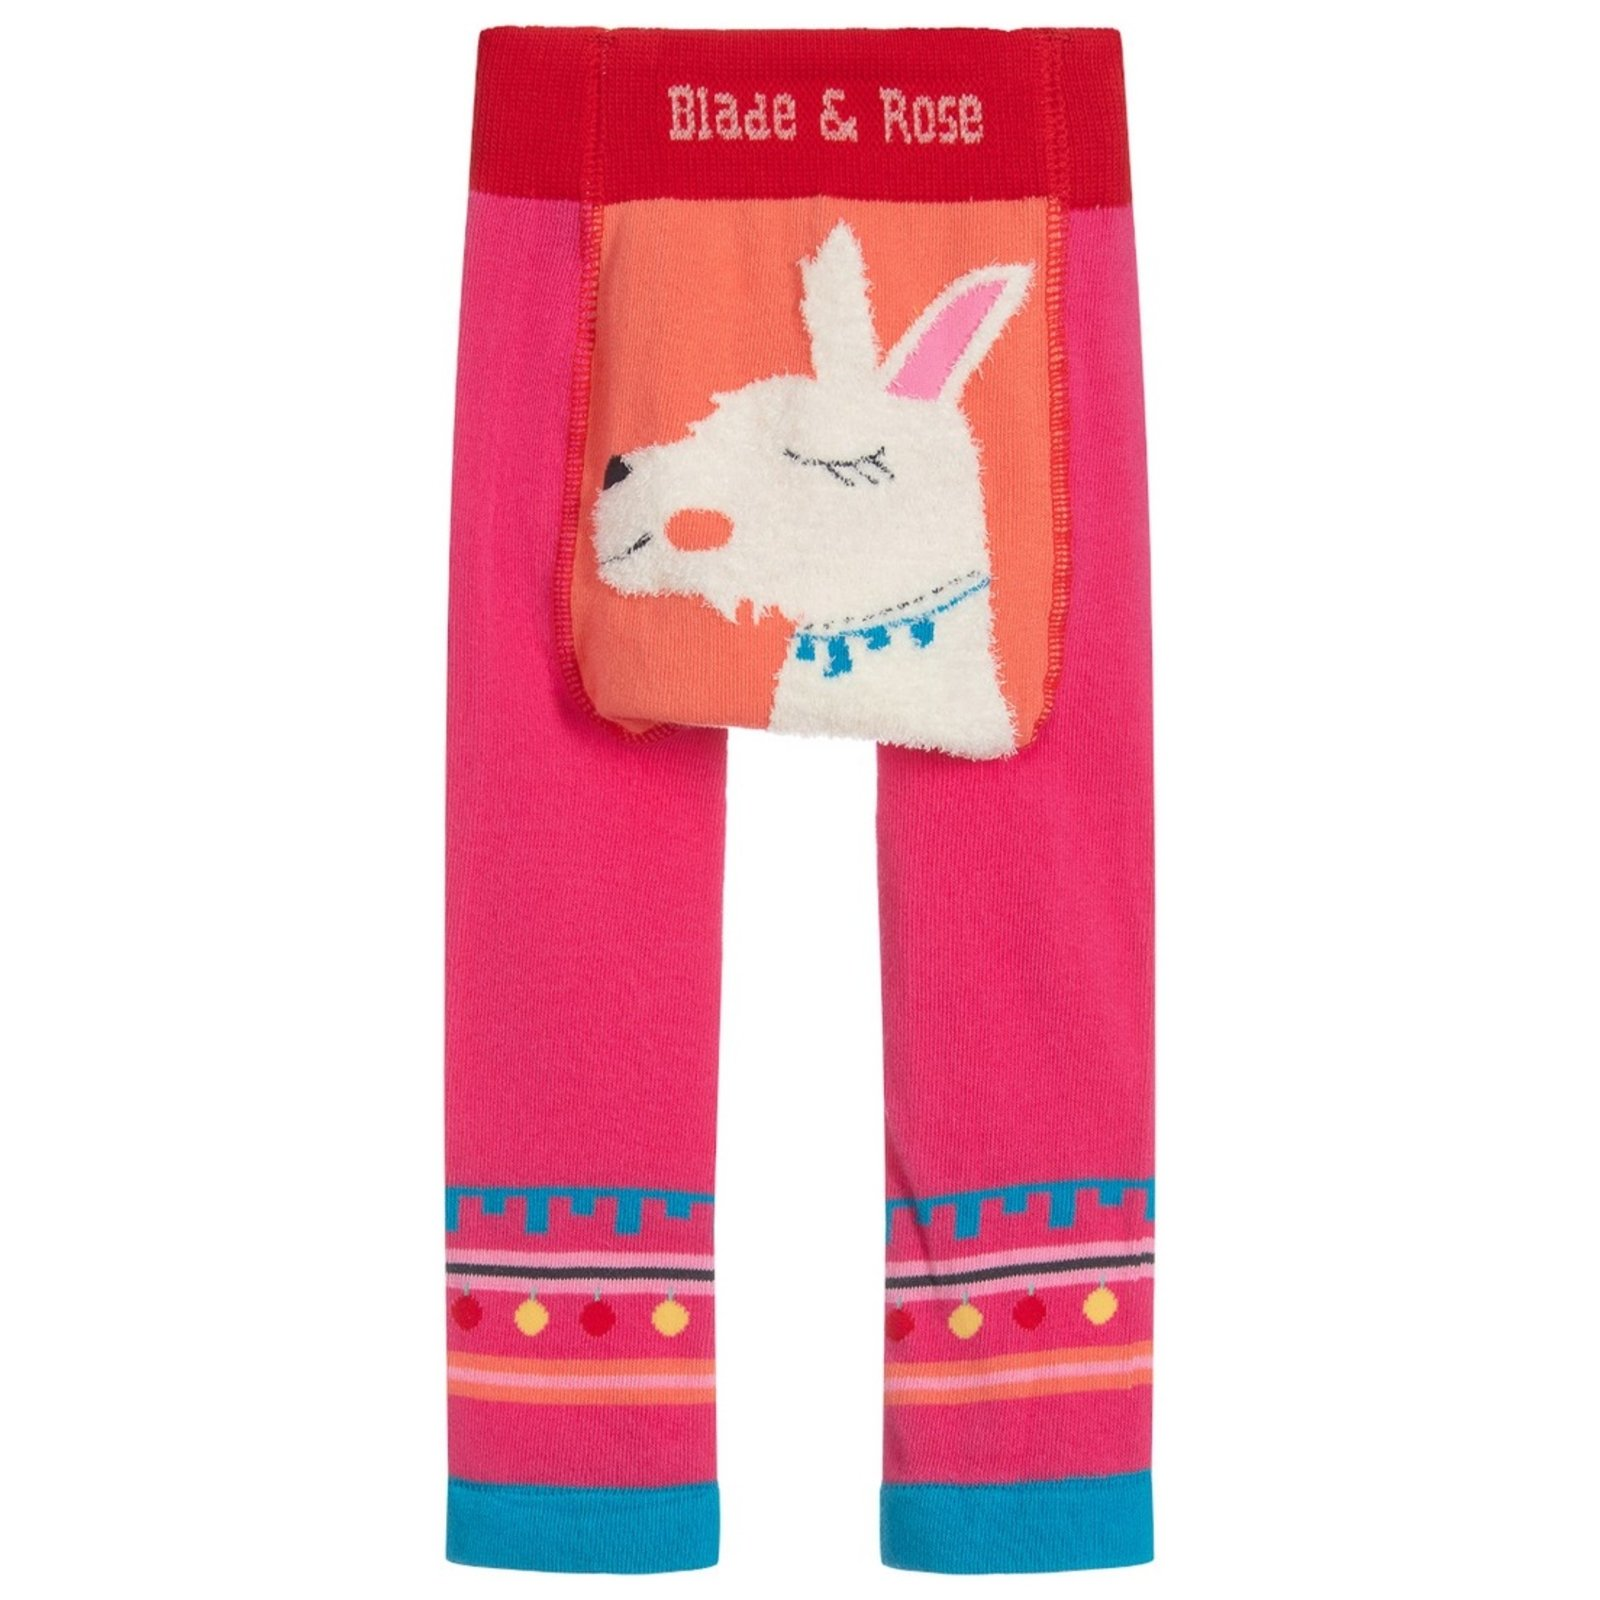 Blade /& Rose Leggings Bunny